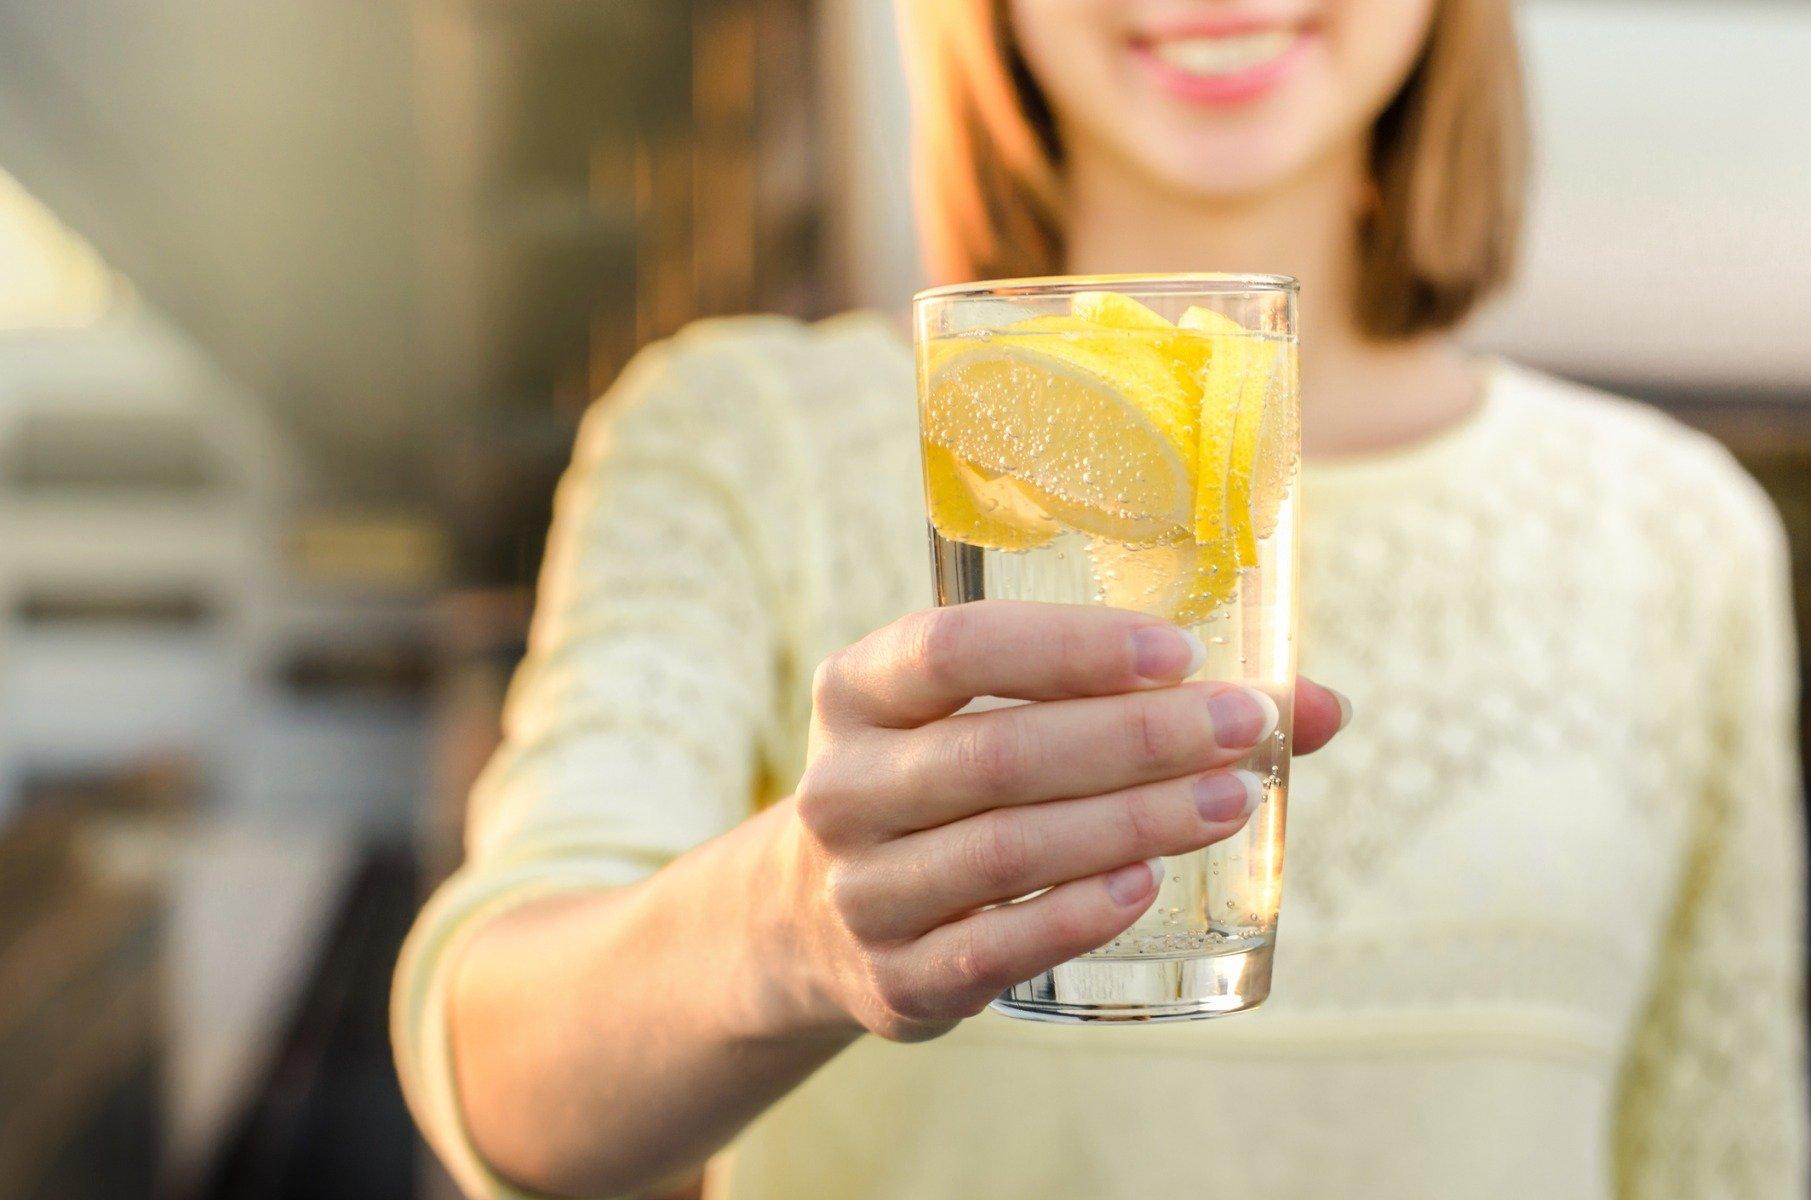 Вода с лимоном утром на голодный желудок